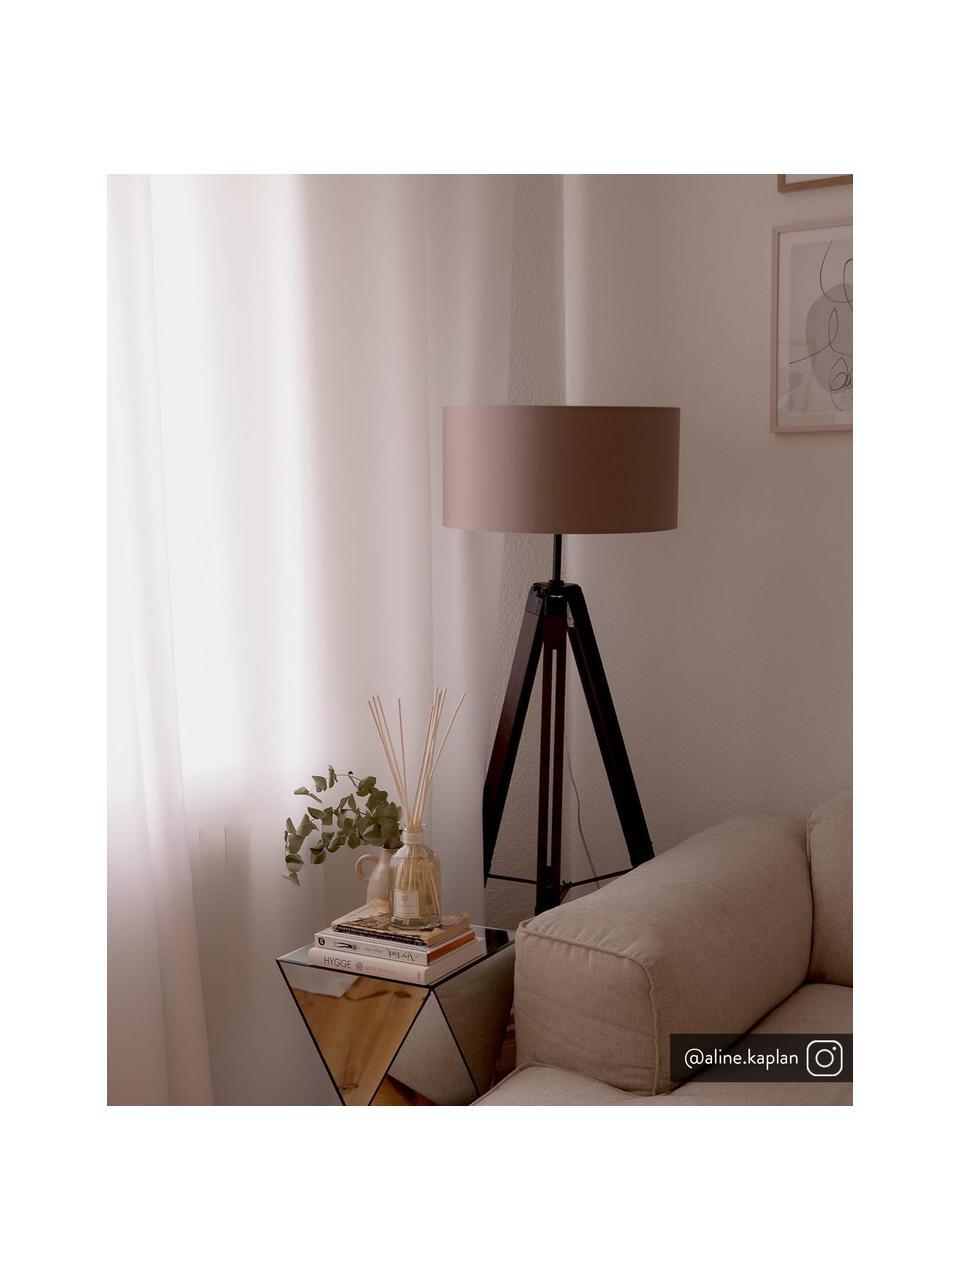 Lampada da terra in legno di noce Matilda, Paralume: tessuto Base della lampad, Base della lampada: albero di noce, nero Paralume: taupe, Ø 70 x Alt. 150 cm